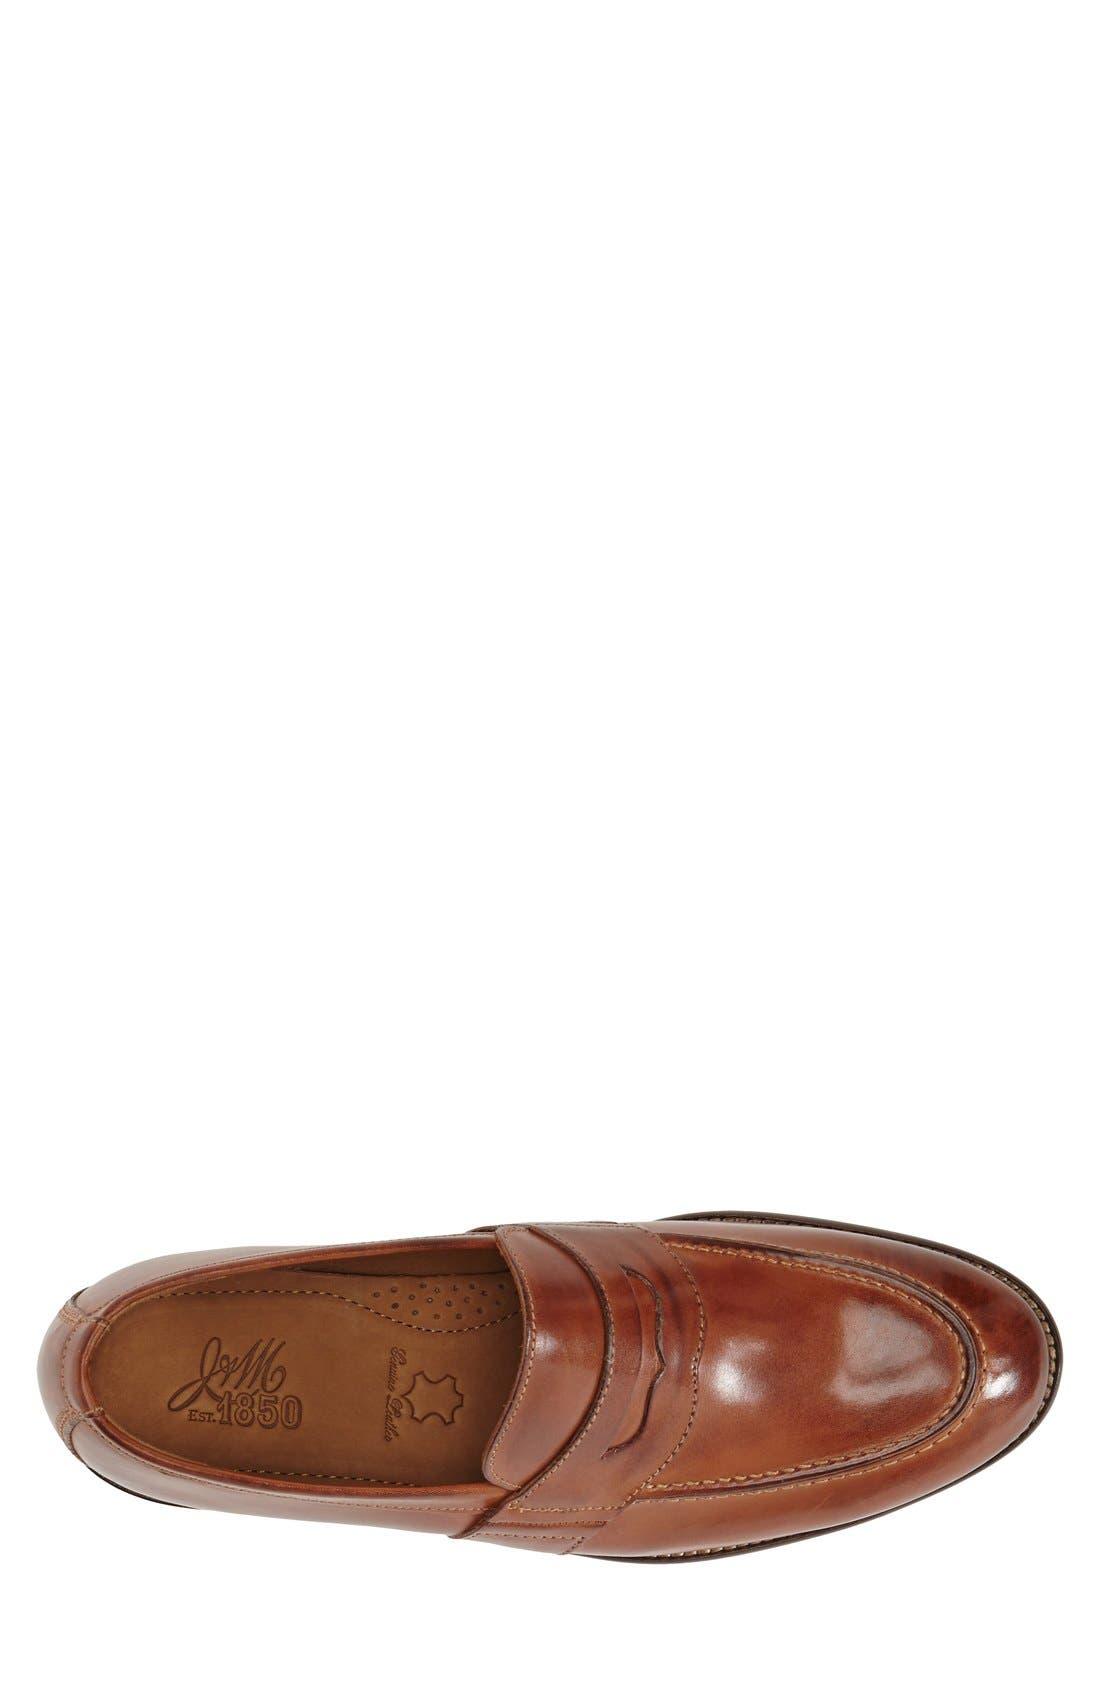 Alternate Image 3  - J & M 1850 'Allred' Penny Loafer (Men) (Nordstrom Exclusive)